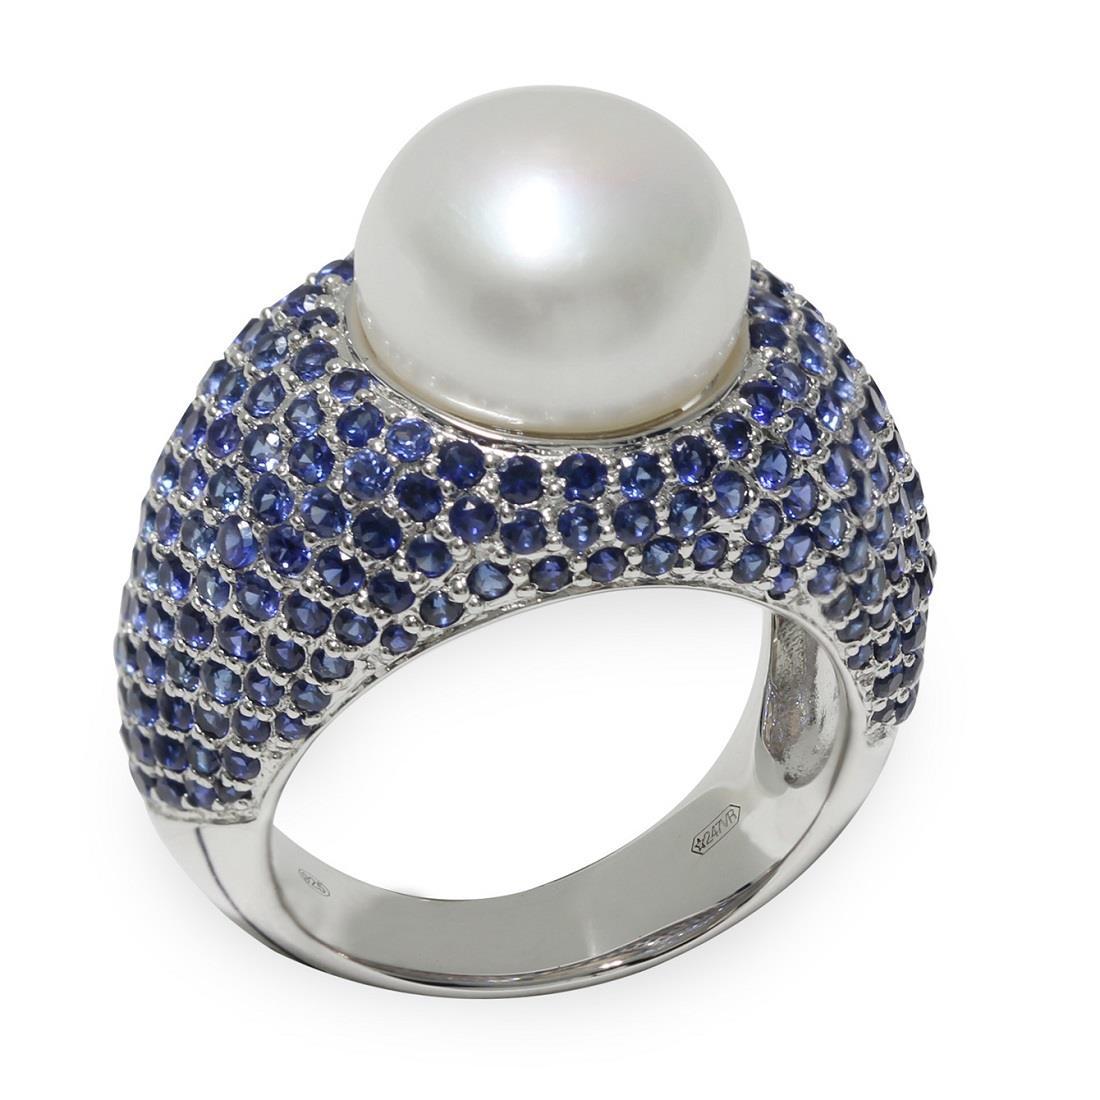 Anello con perla e zaffiri - MAYUMI